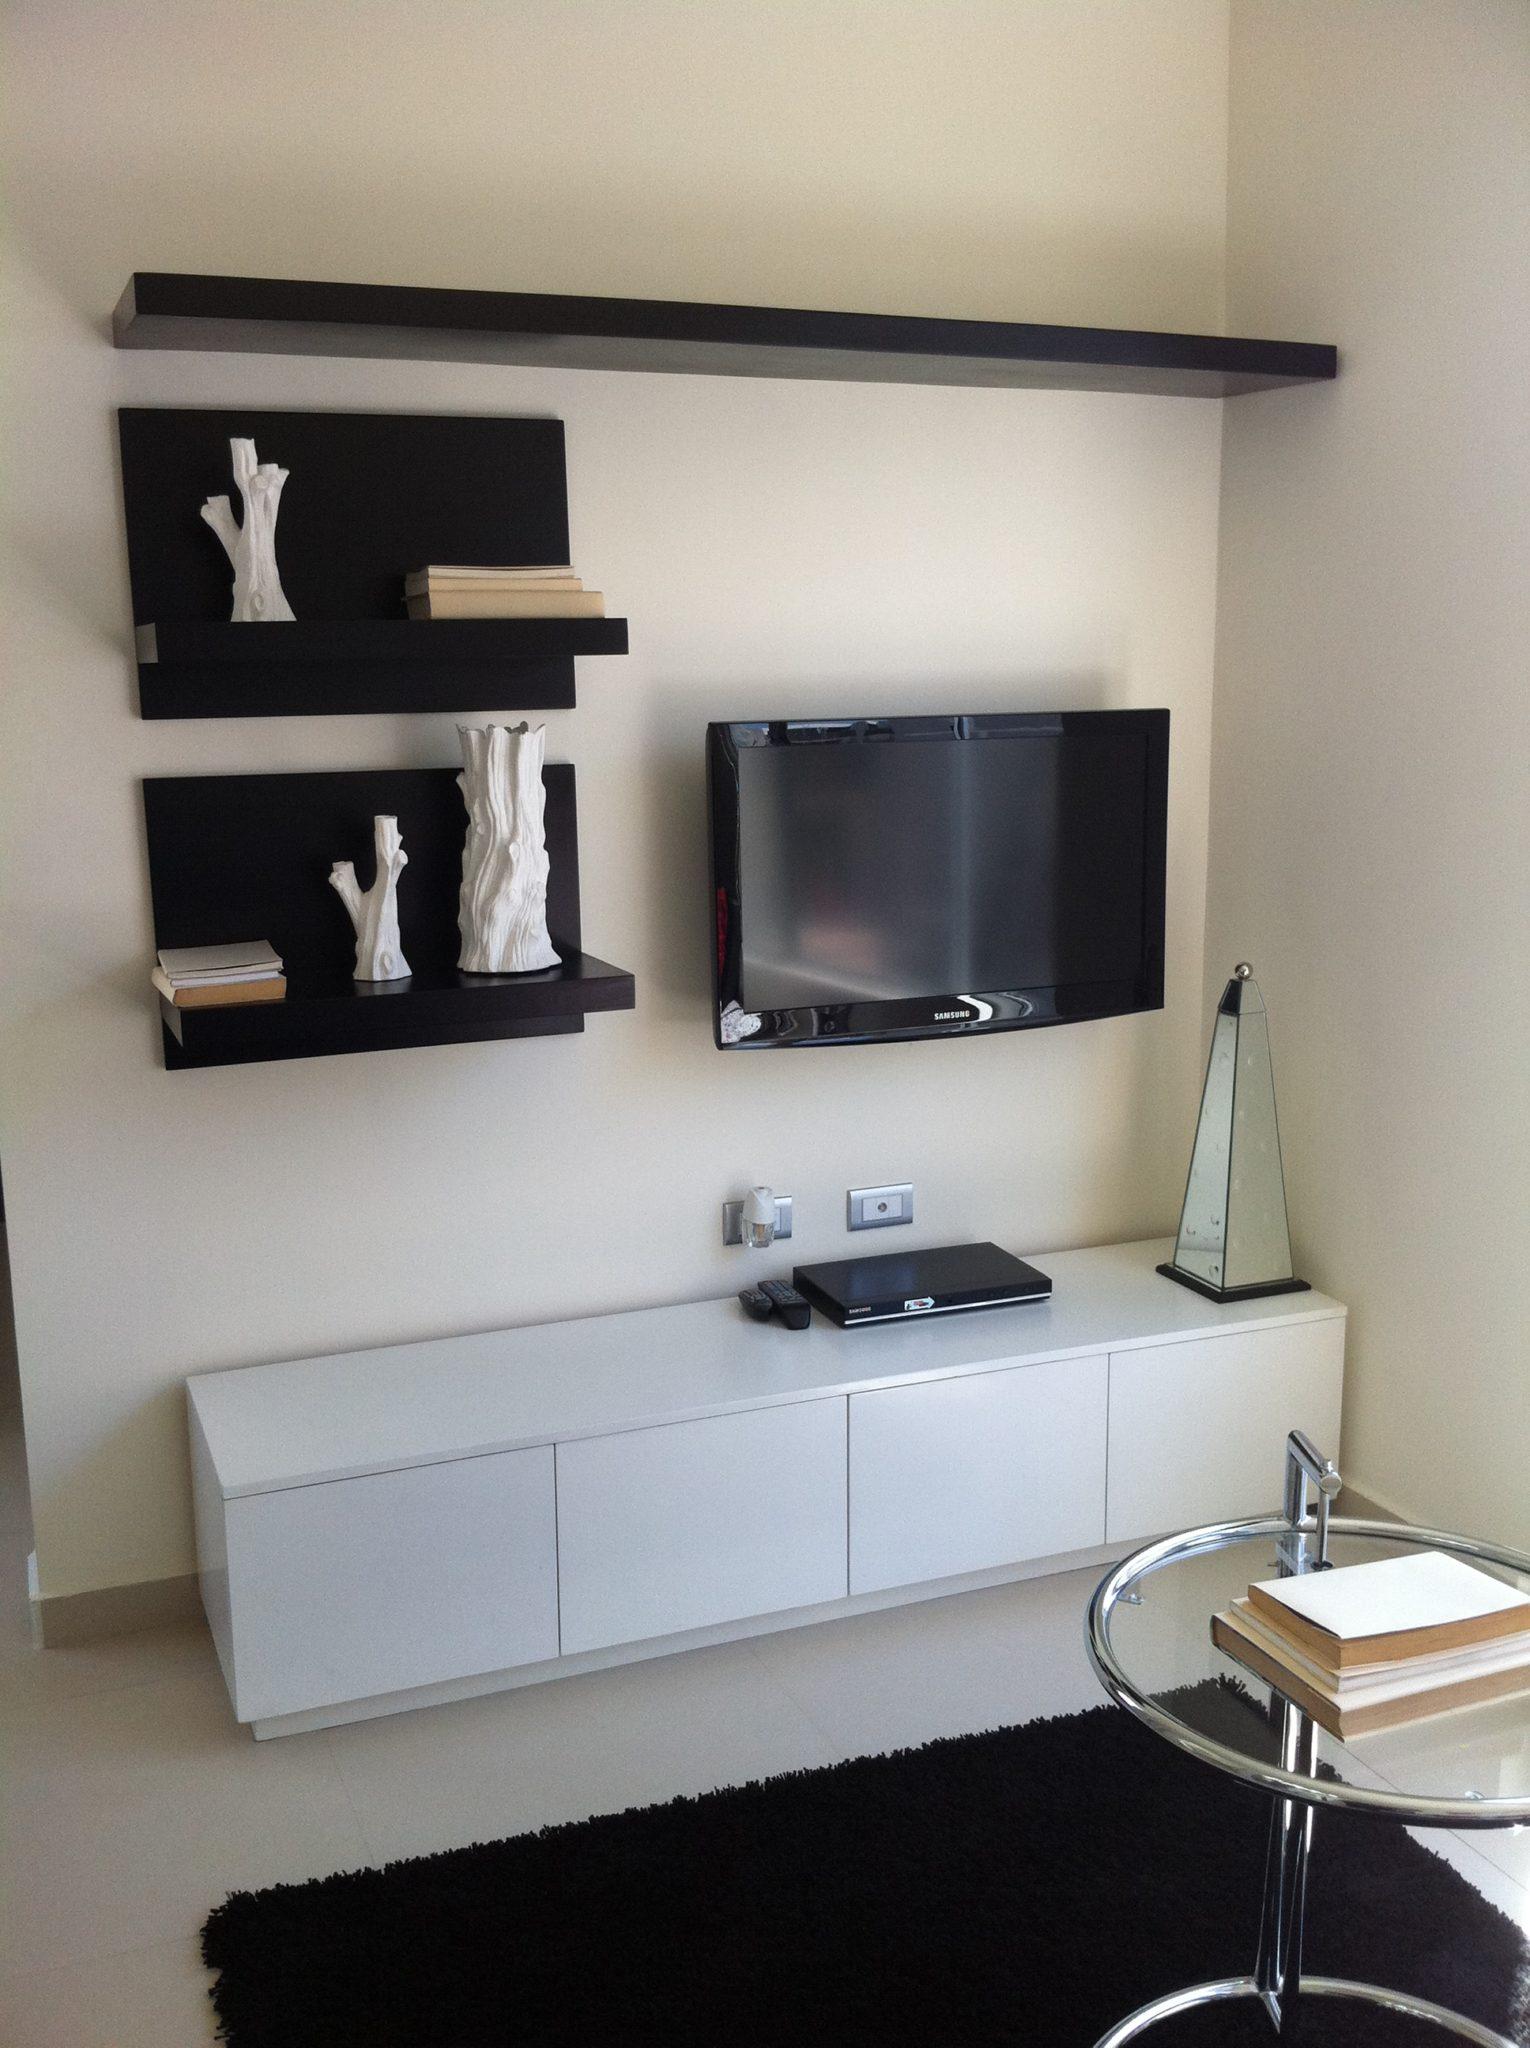 Centro de tv moderno negro con blanco